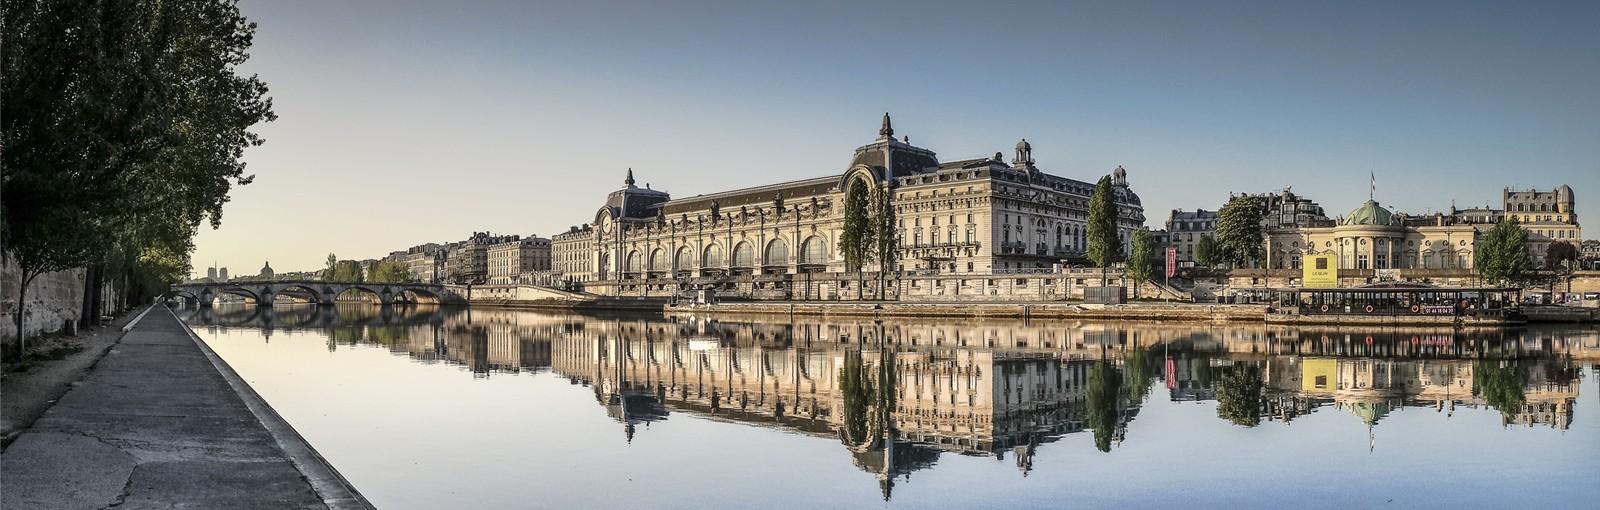 Tours Visite du musée d'Orsay - Visites de musées - Visites de Paris